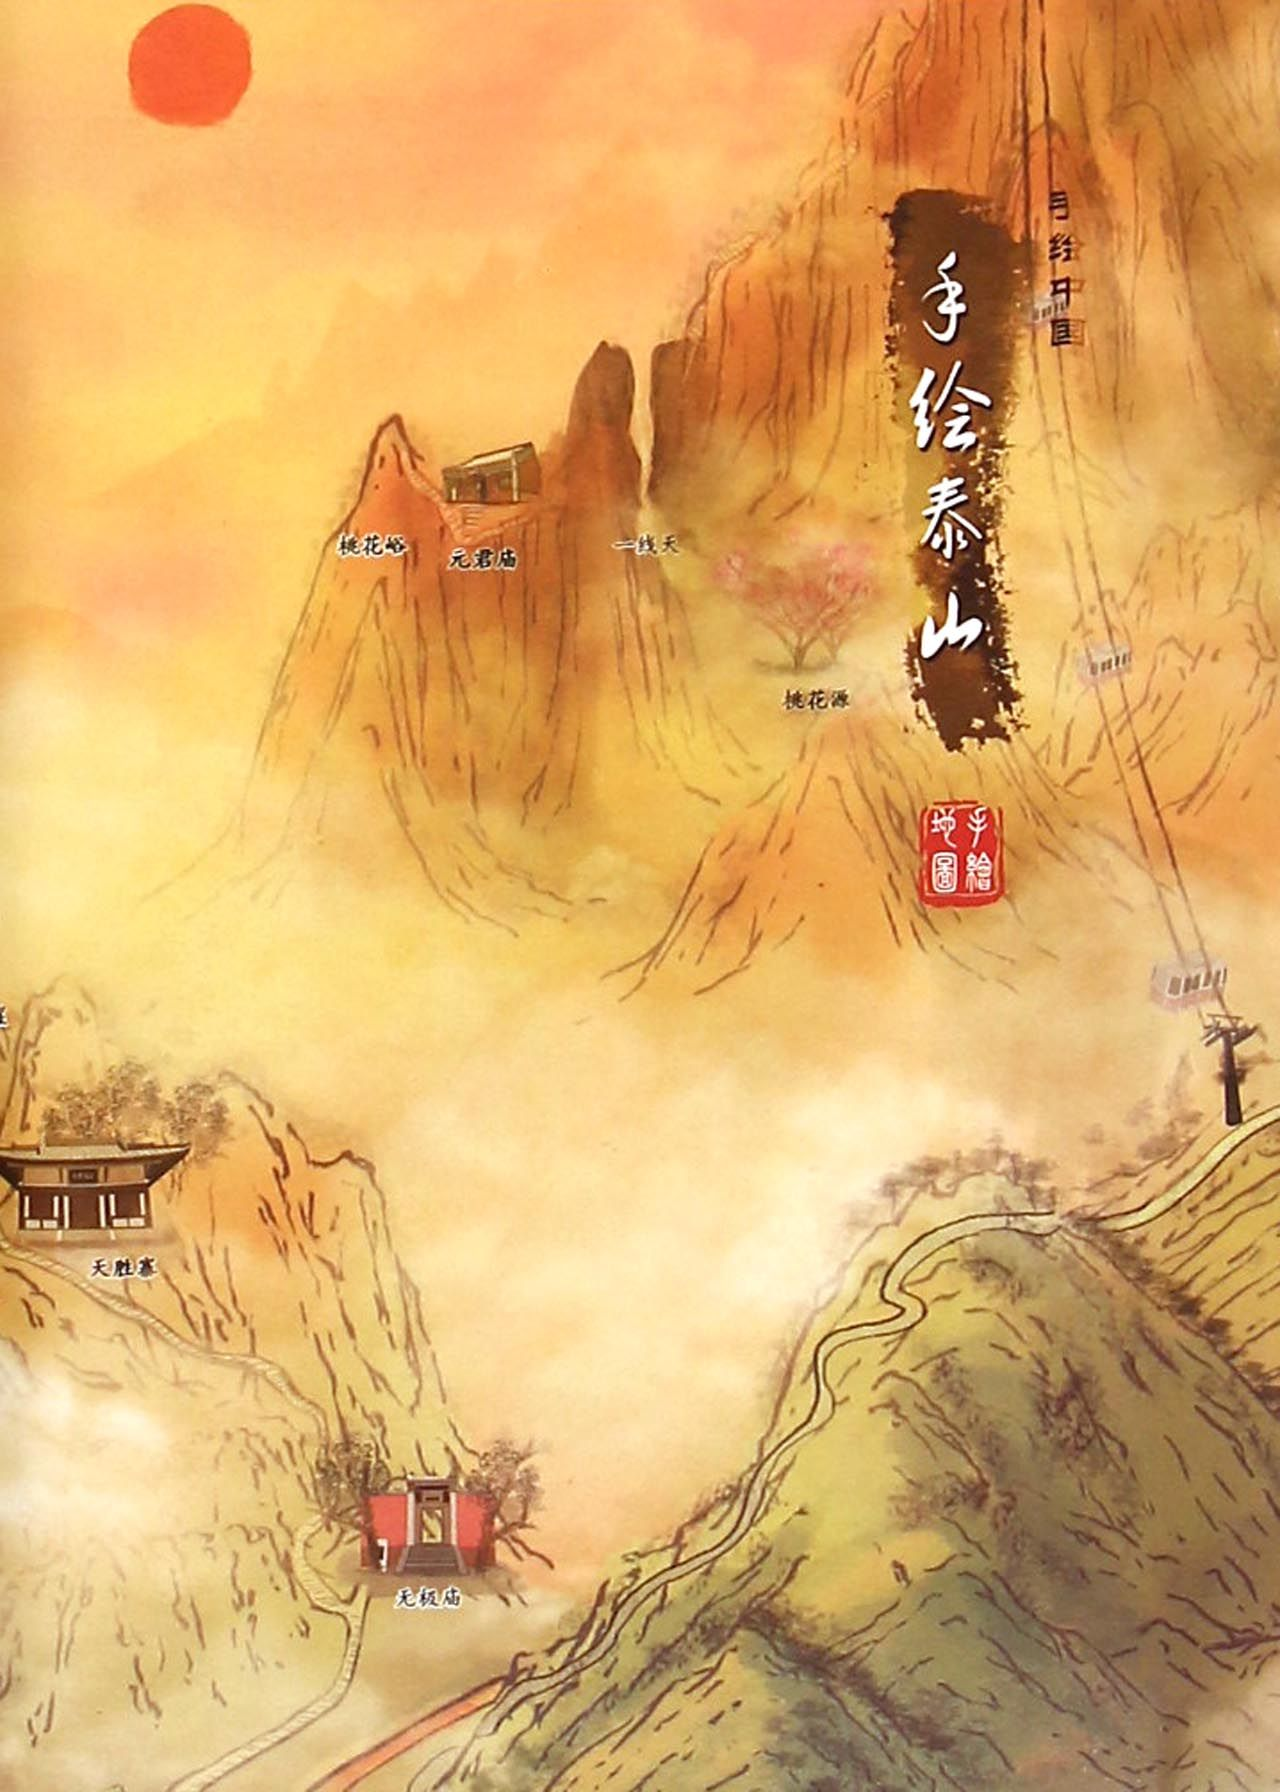 手绘泰山/手绘中国